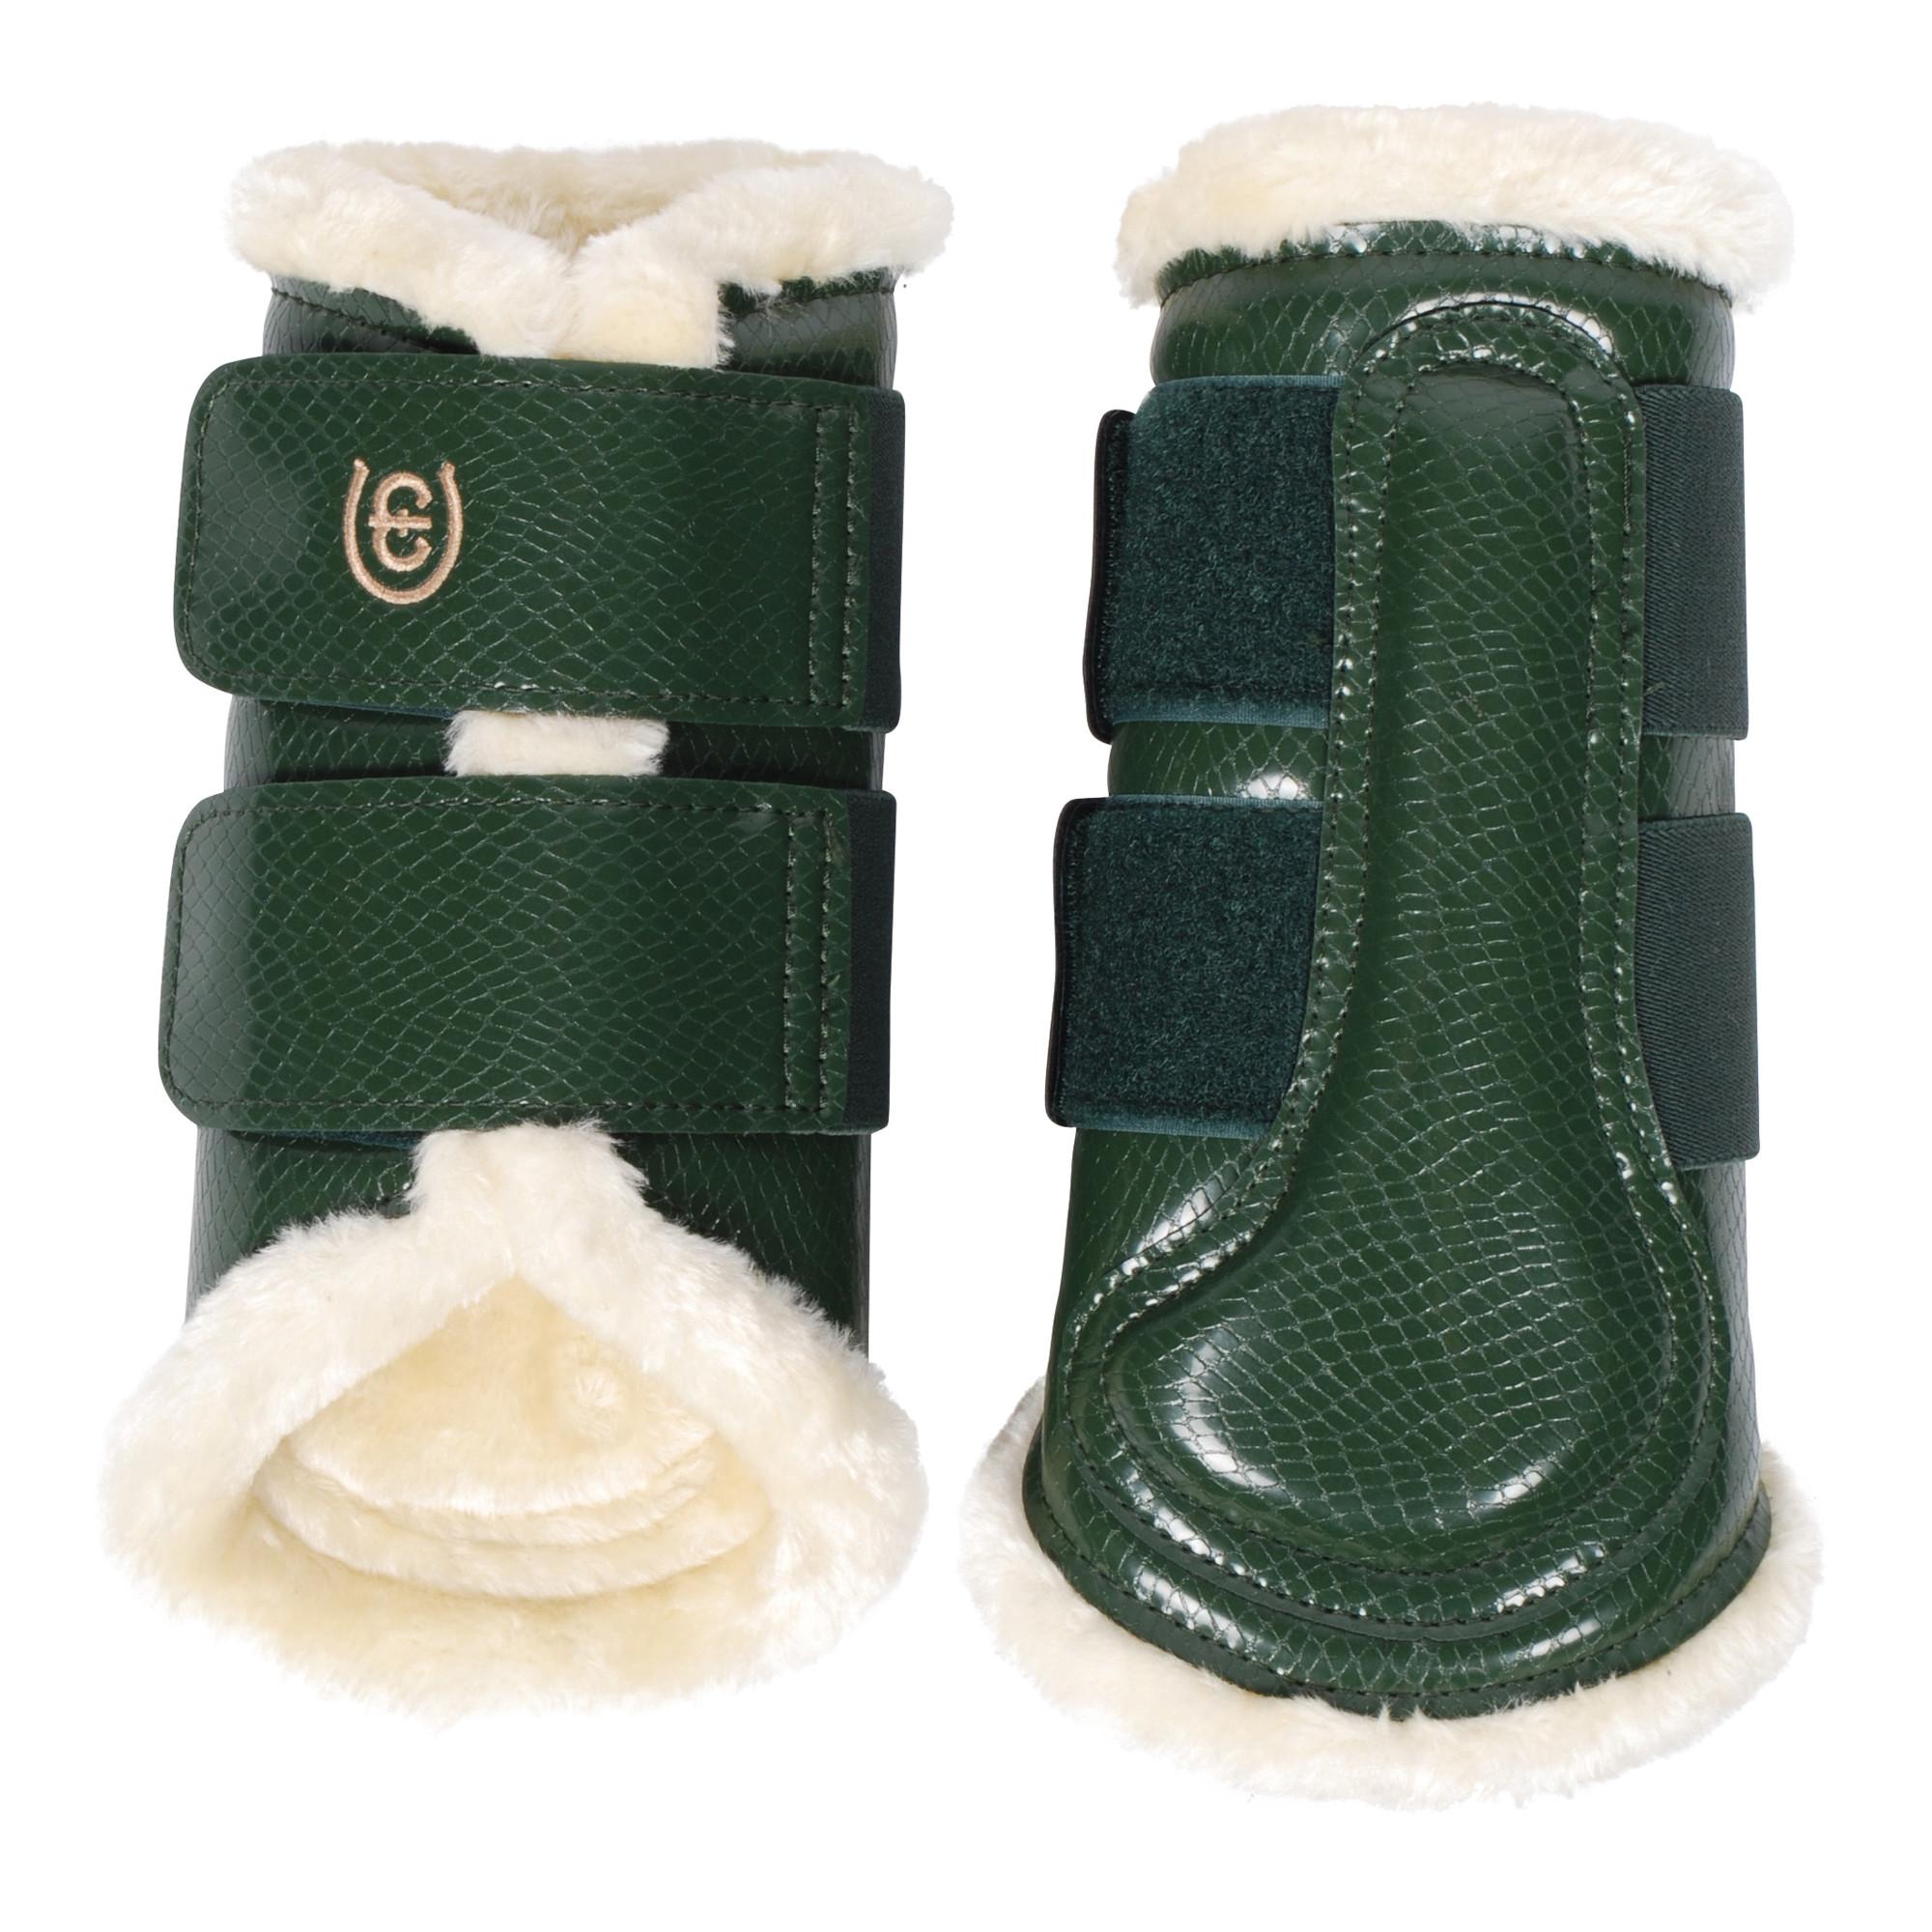 EQ beenbeschermers achter groen maat:l